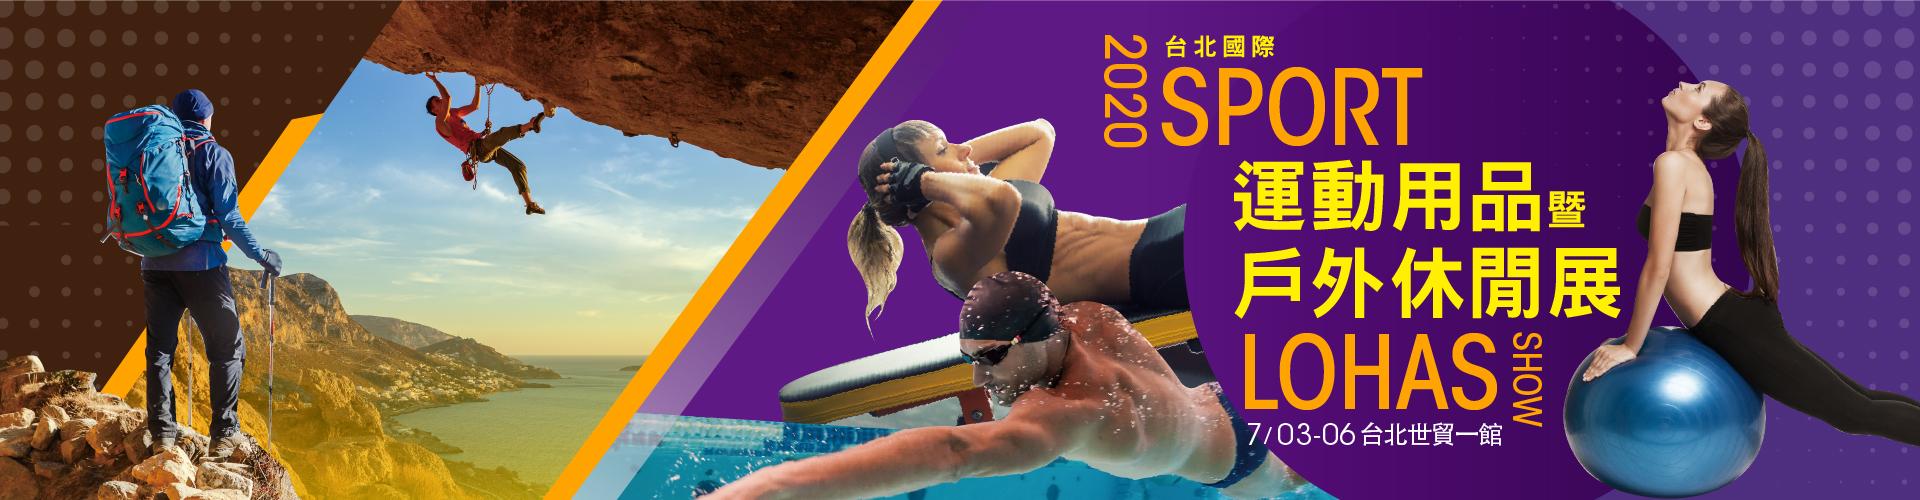 2020台北國際運動用品暨戶外休閒展